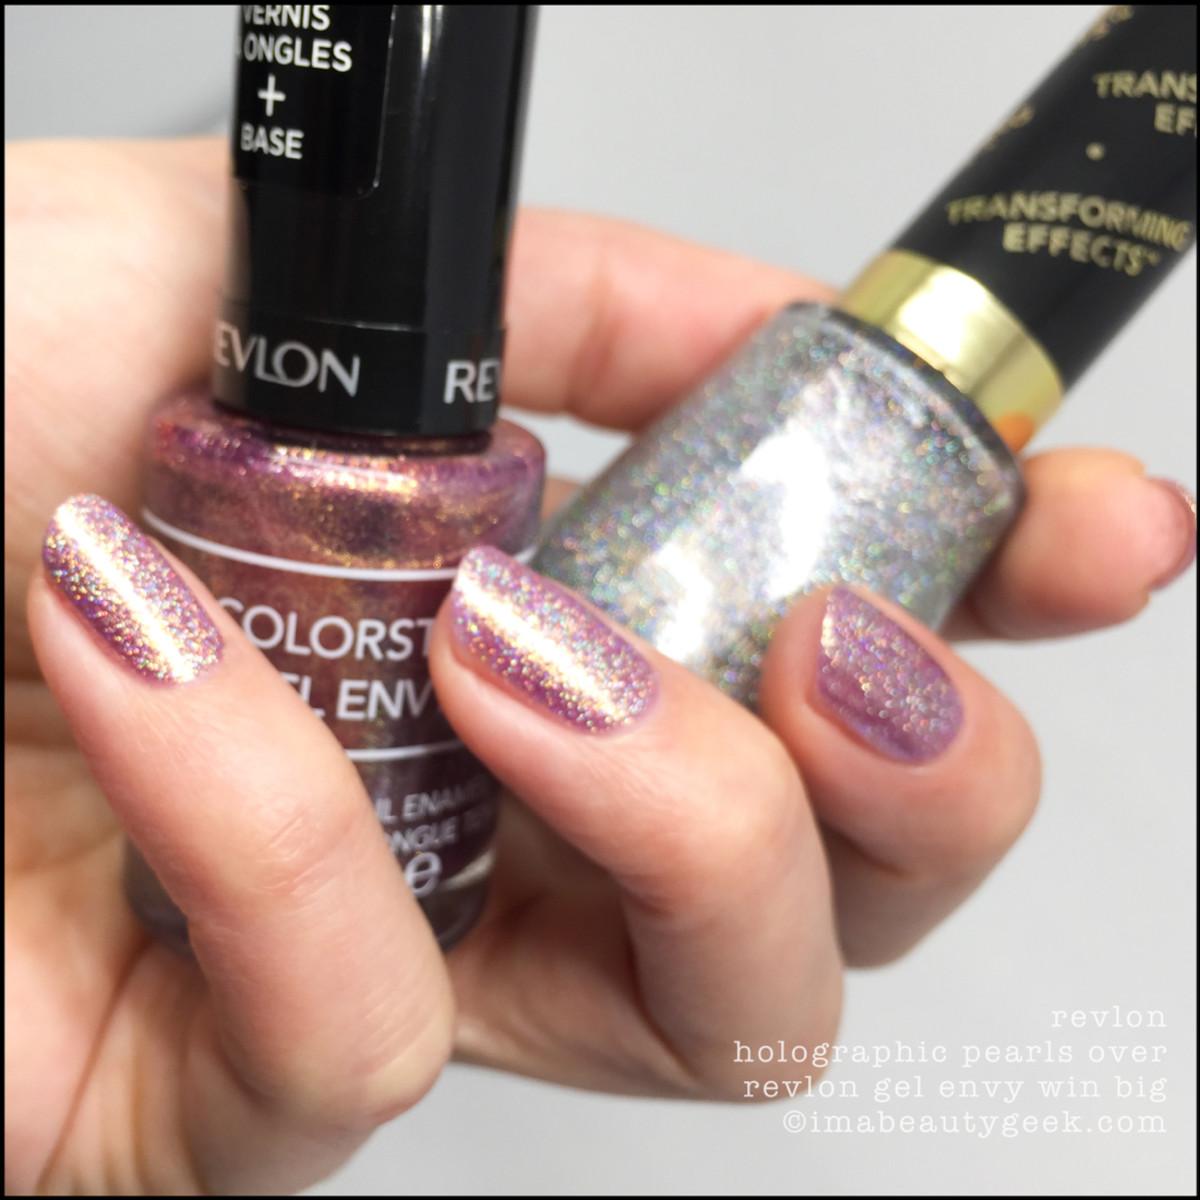 Revlon Holographic Pearls Top Coat over Win Big